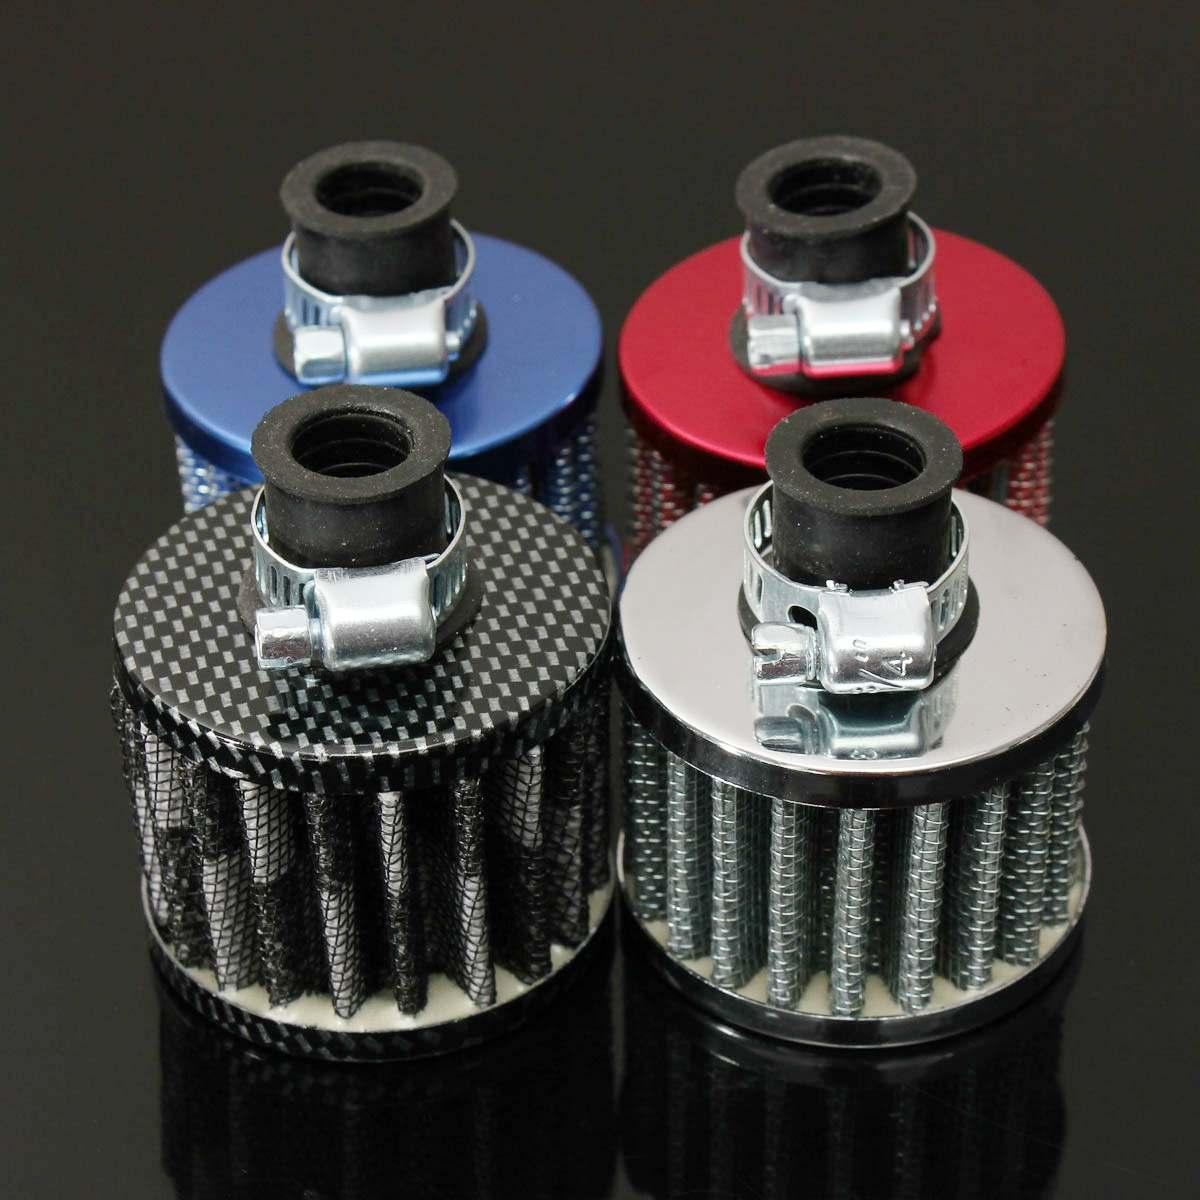 Universal 12mm de alta qualidade durável óleo do motor kit filtro de admissão ar frio manivela caso ventilação capa respiratória